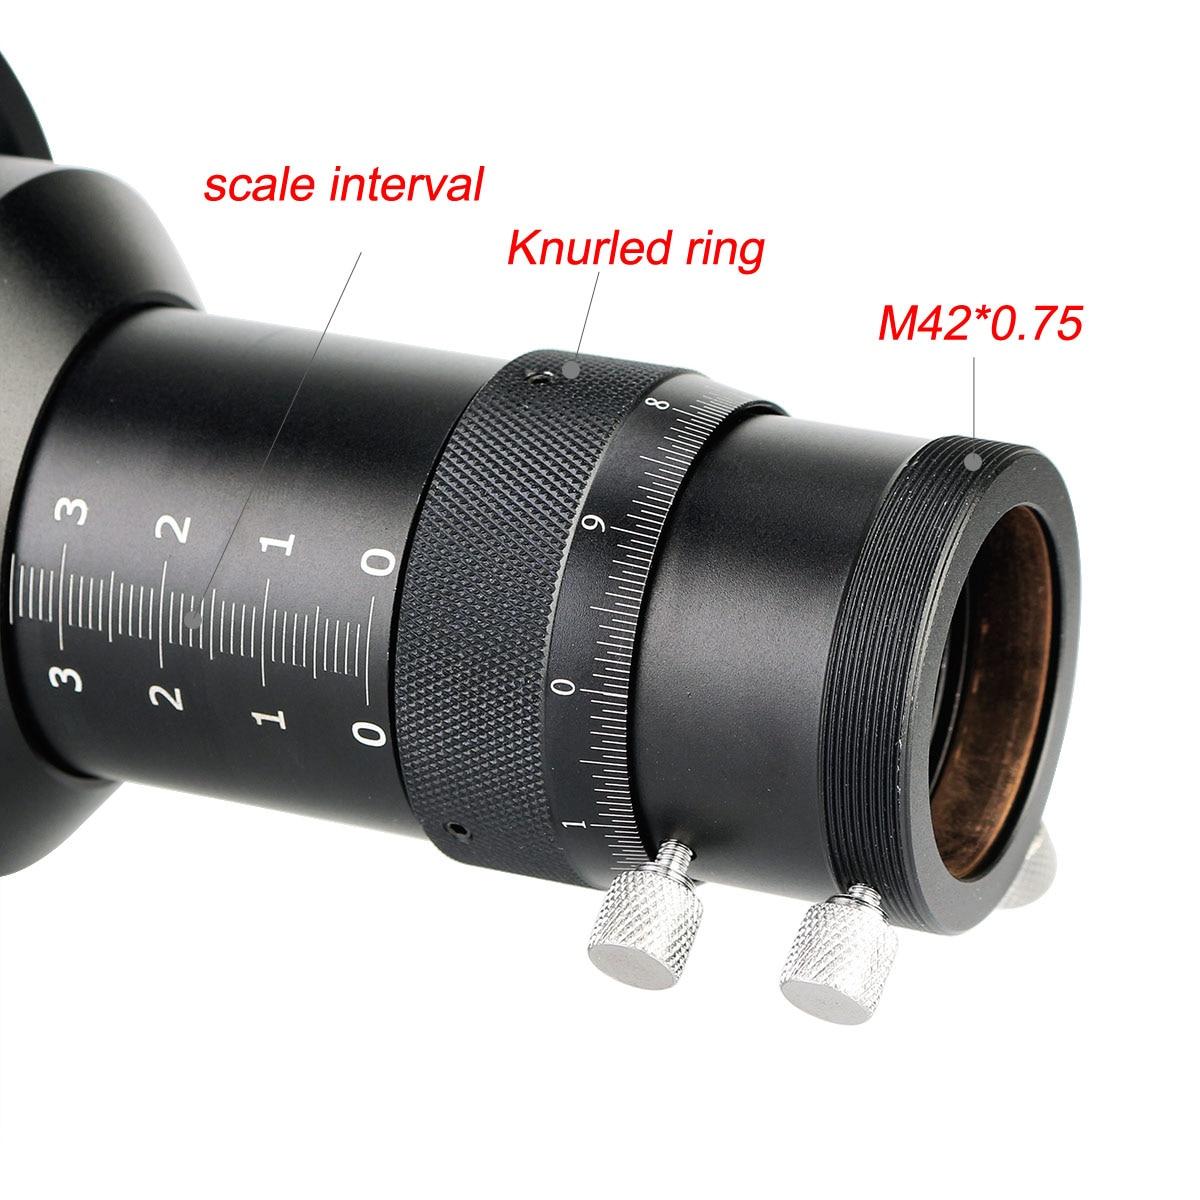 scope finderscope com 1.25